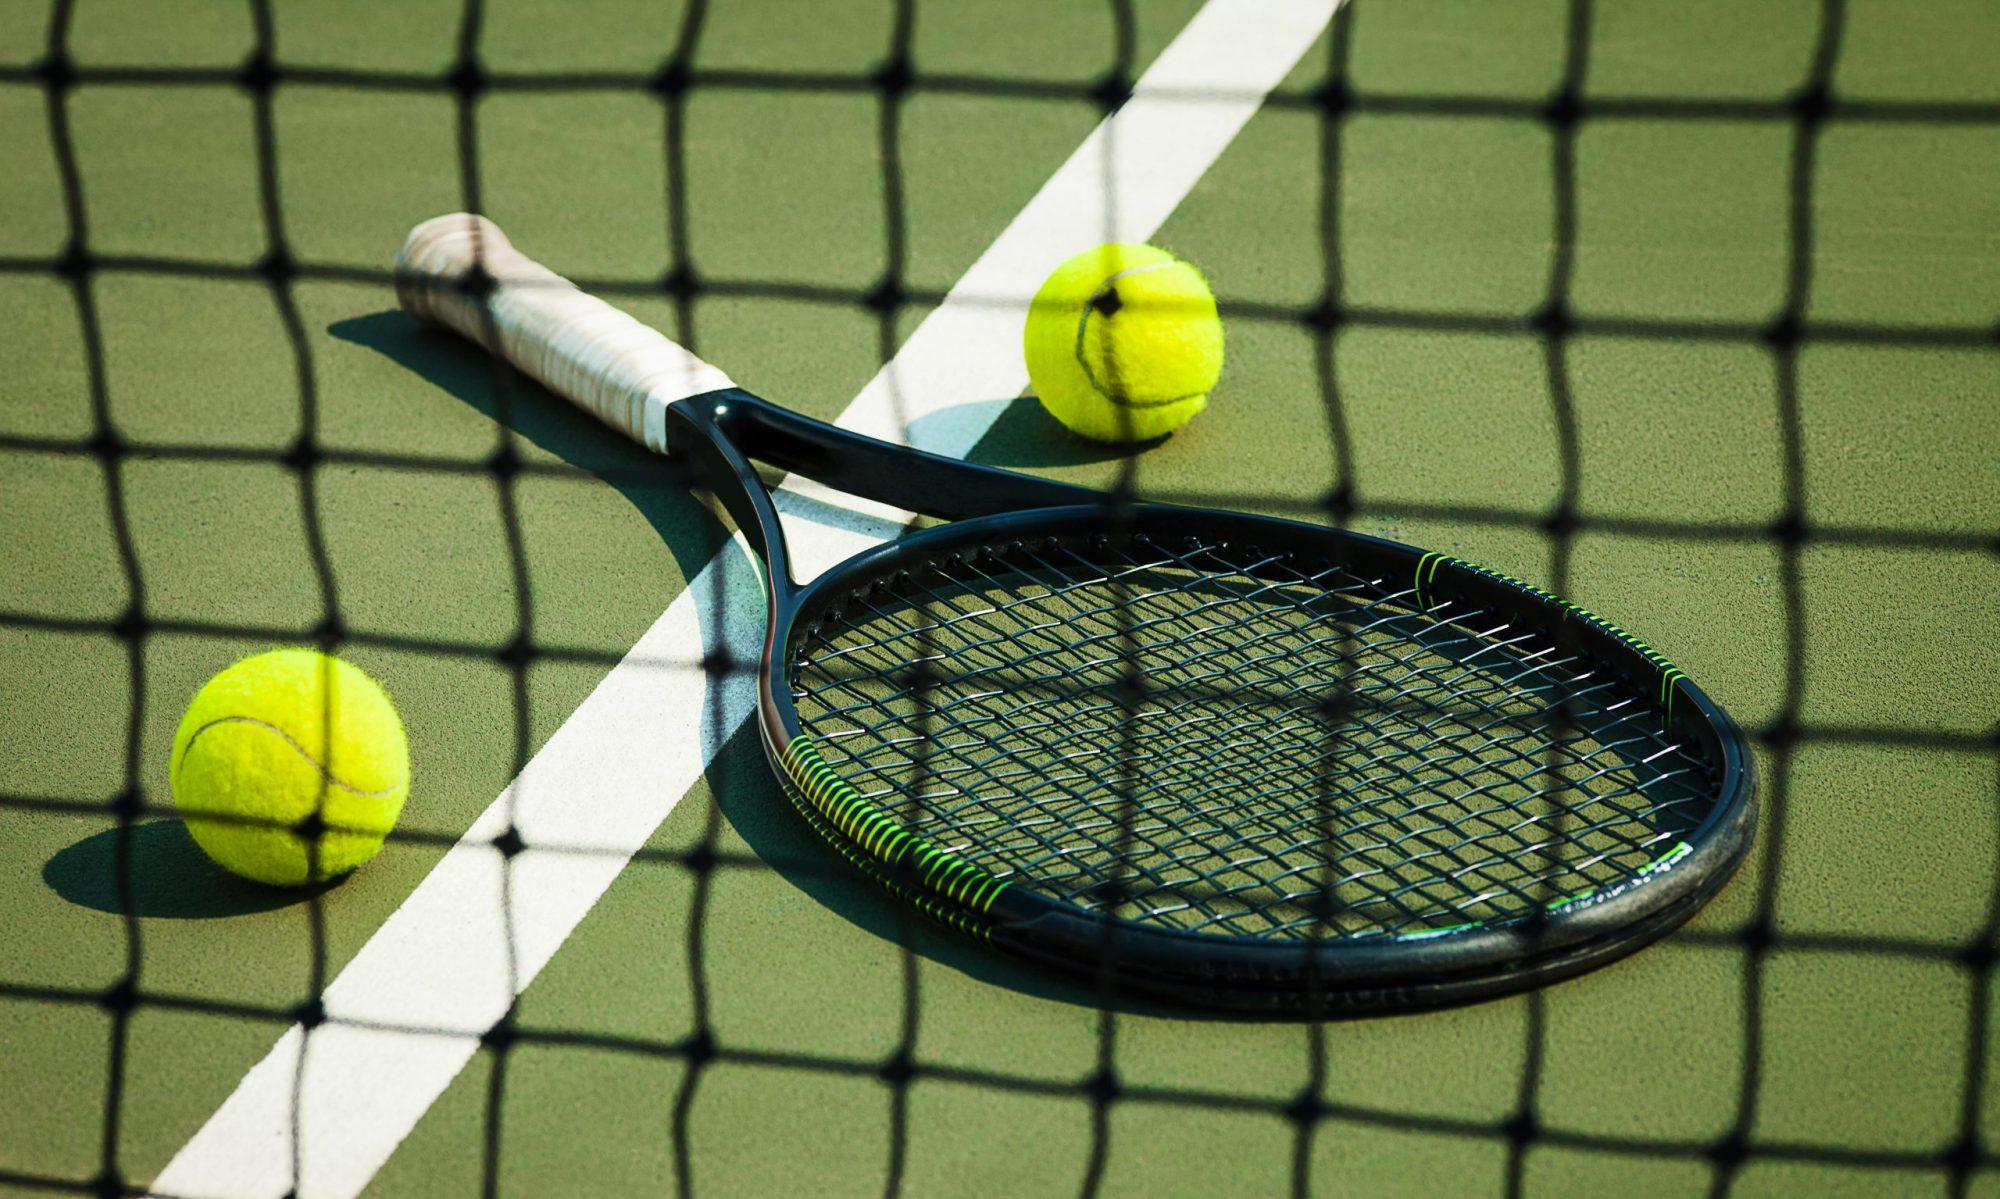 Kullabygdens Tennissällskap